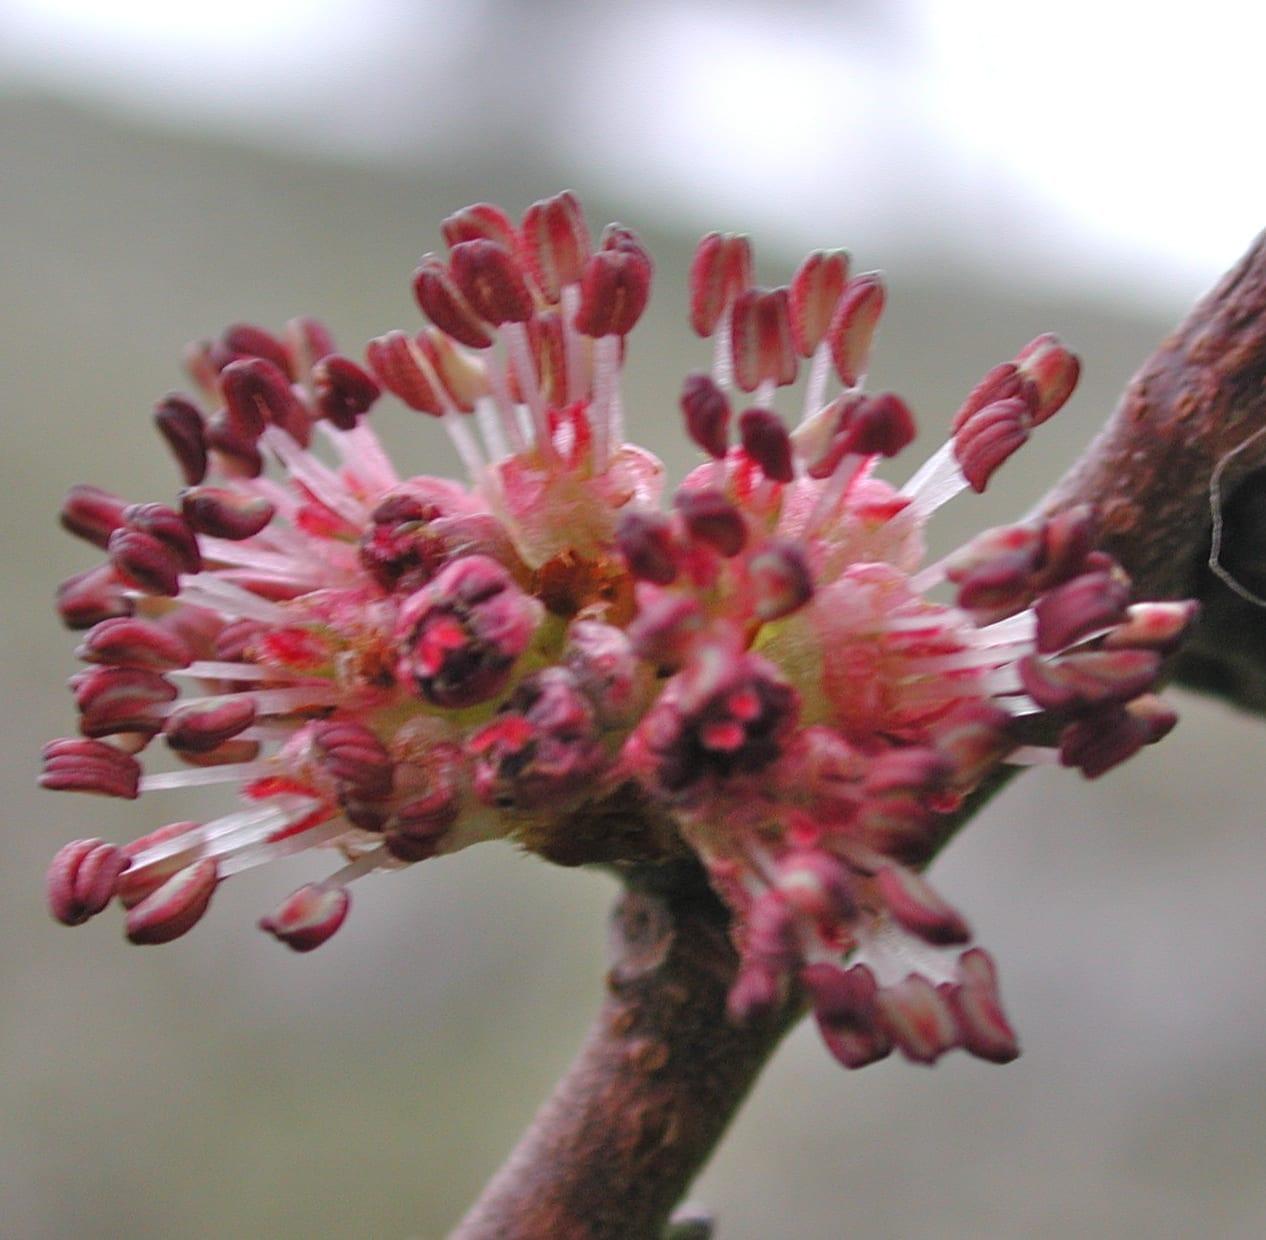 wych Elm flower male phase